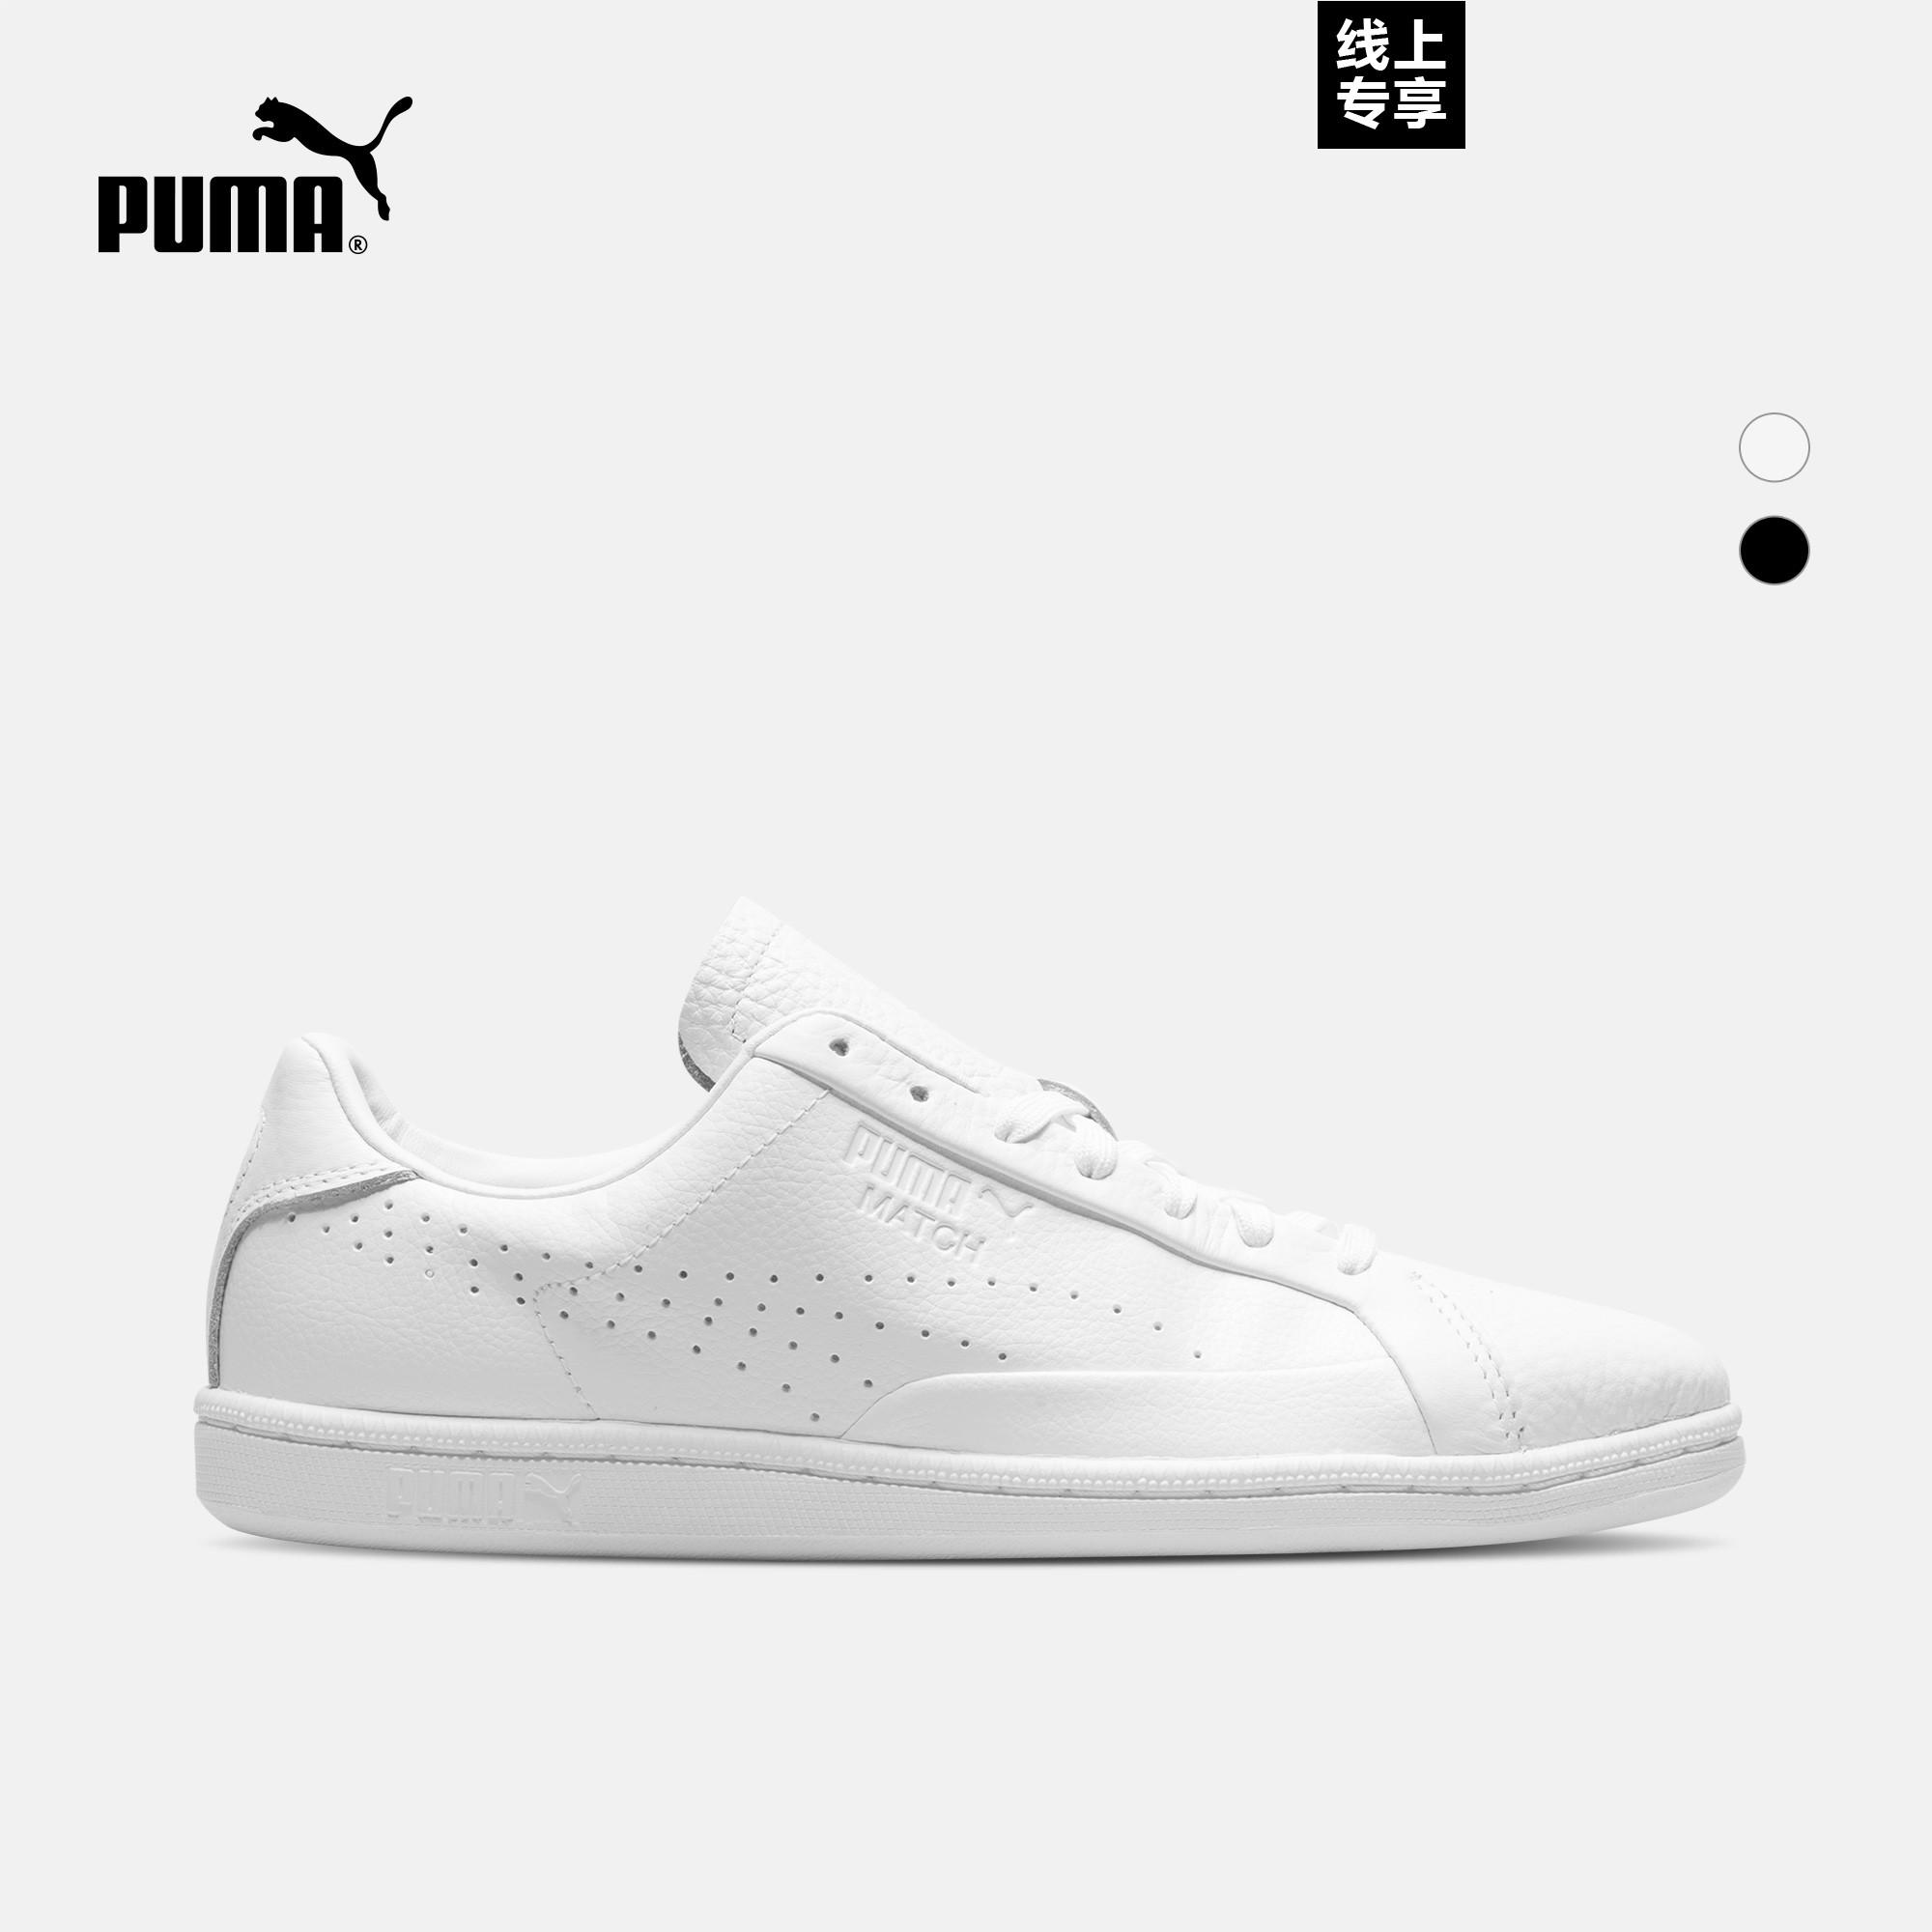 PUMA彪马官方 男女同款休闲鞋 Match 74 Tumbled 363884